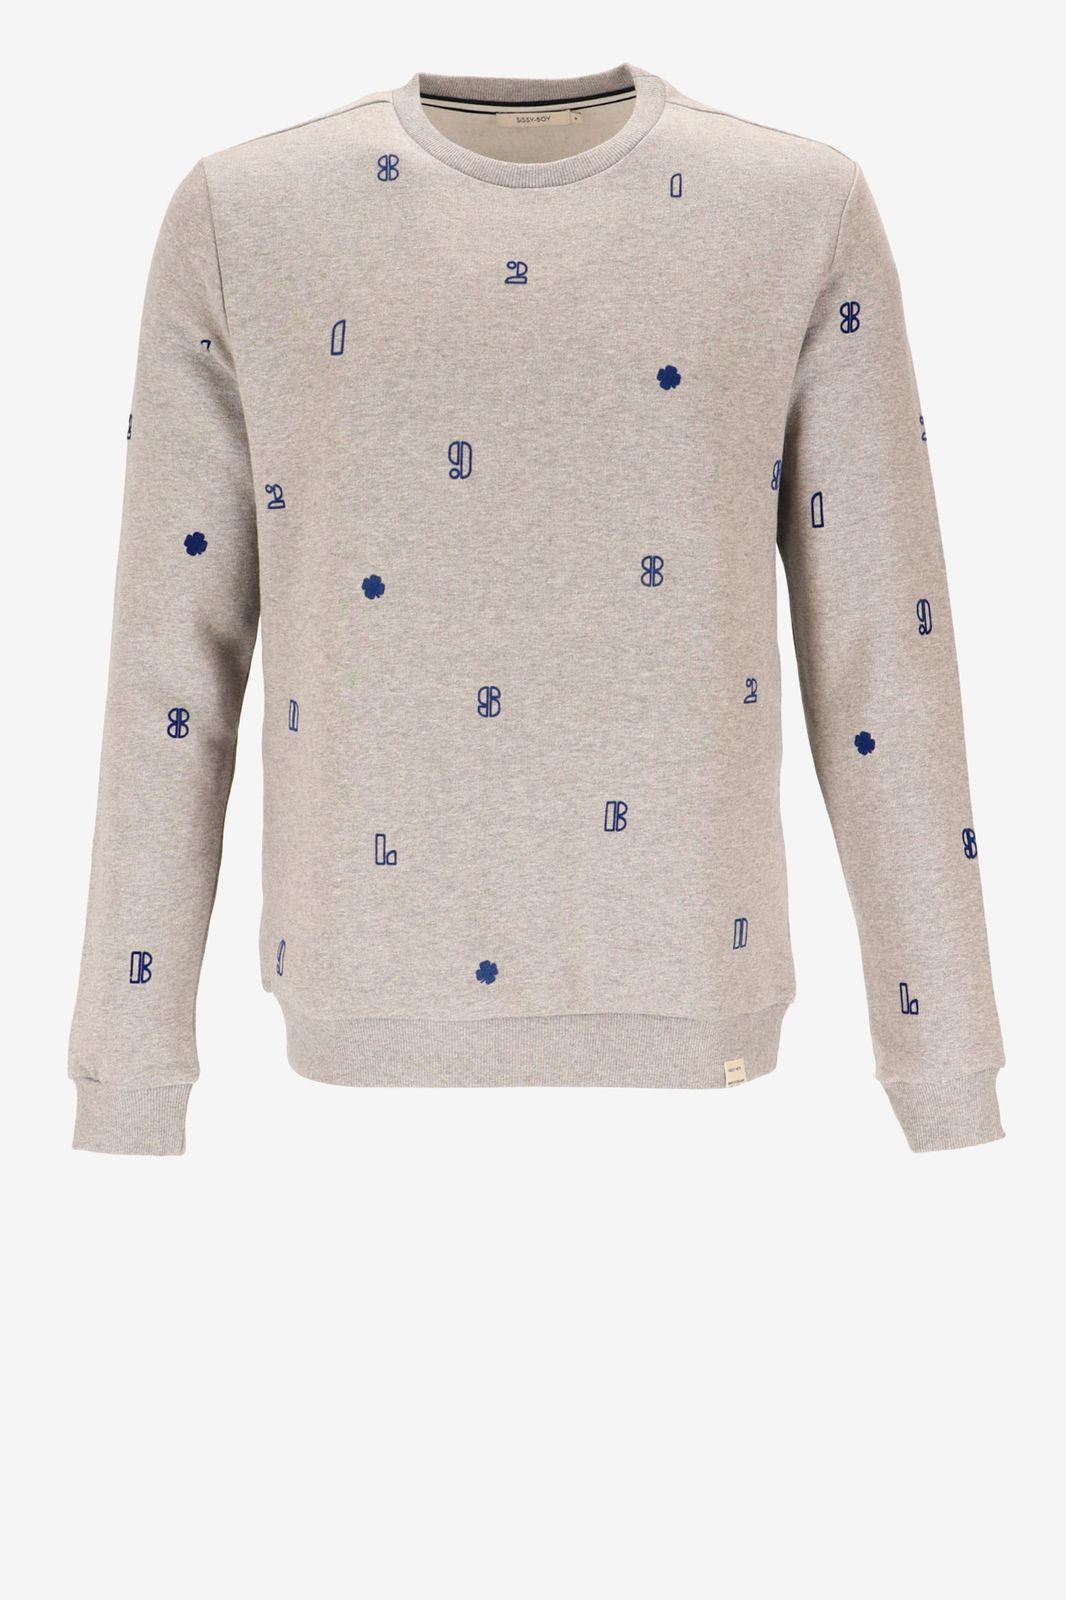 Grijze sweater met flock print letters